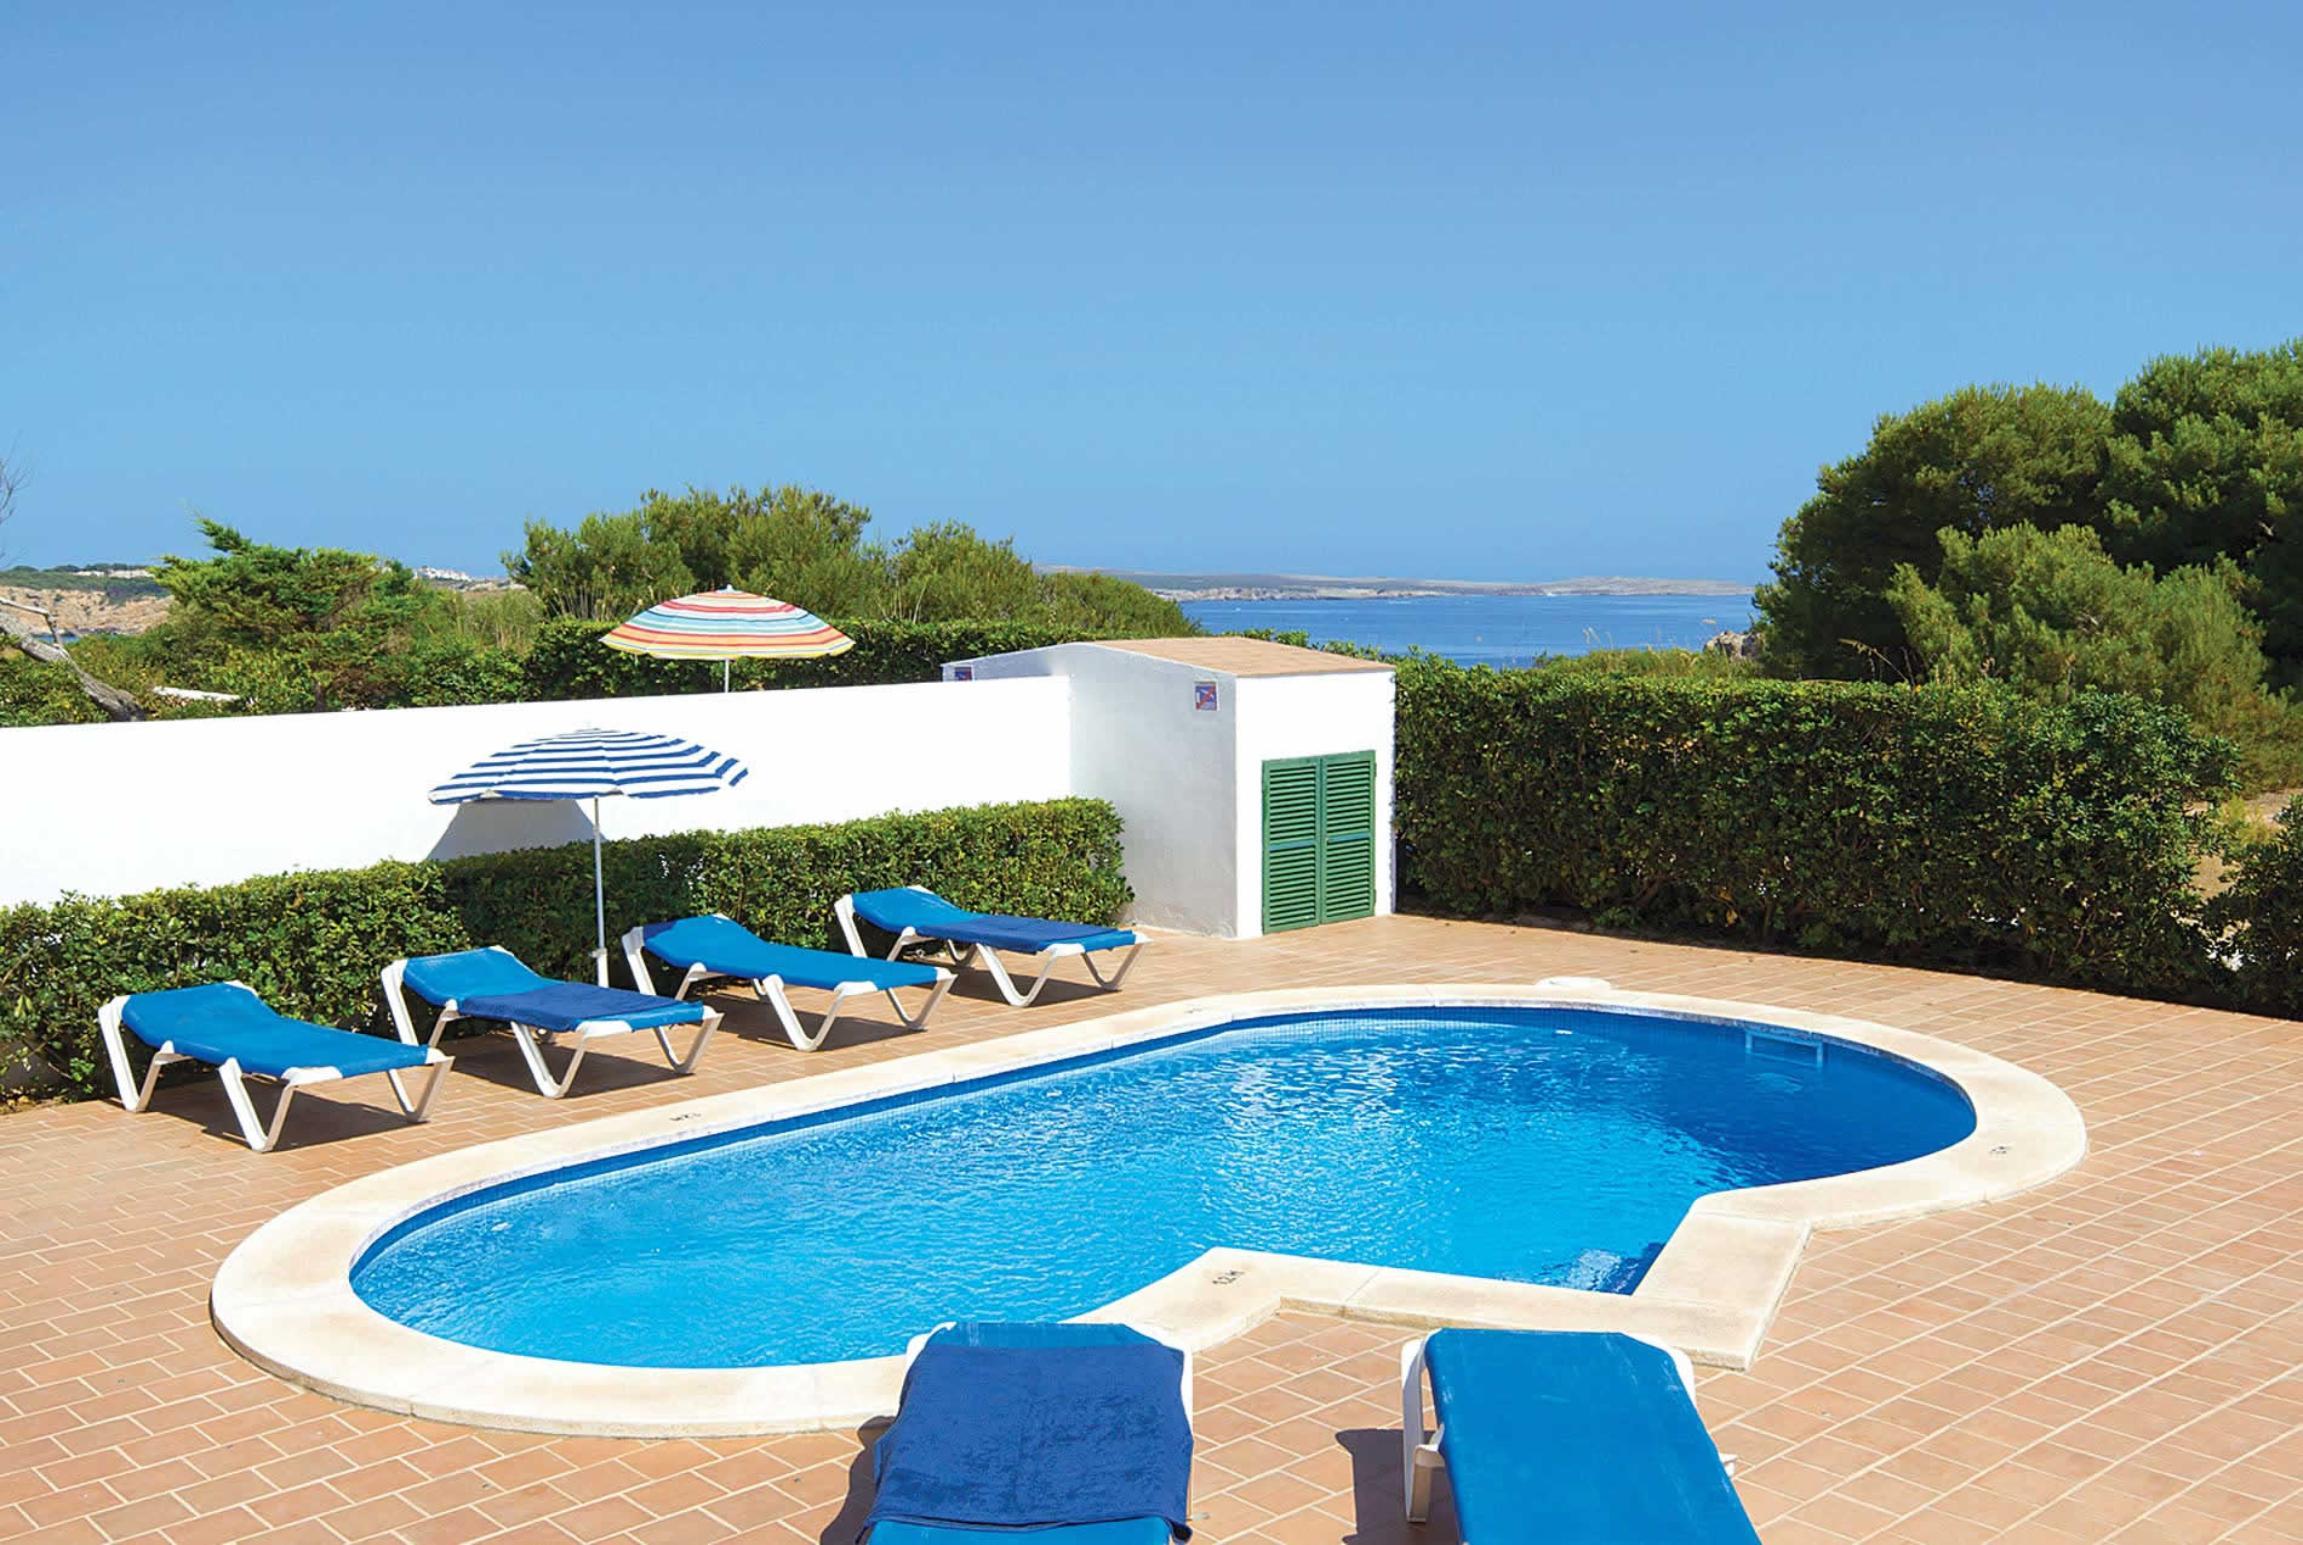 Ferienhaus Mar I Mar (2654306), Arenal De'N Castell, Menorca, Balearische Inseln, Spanien, Bild 5